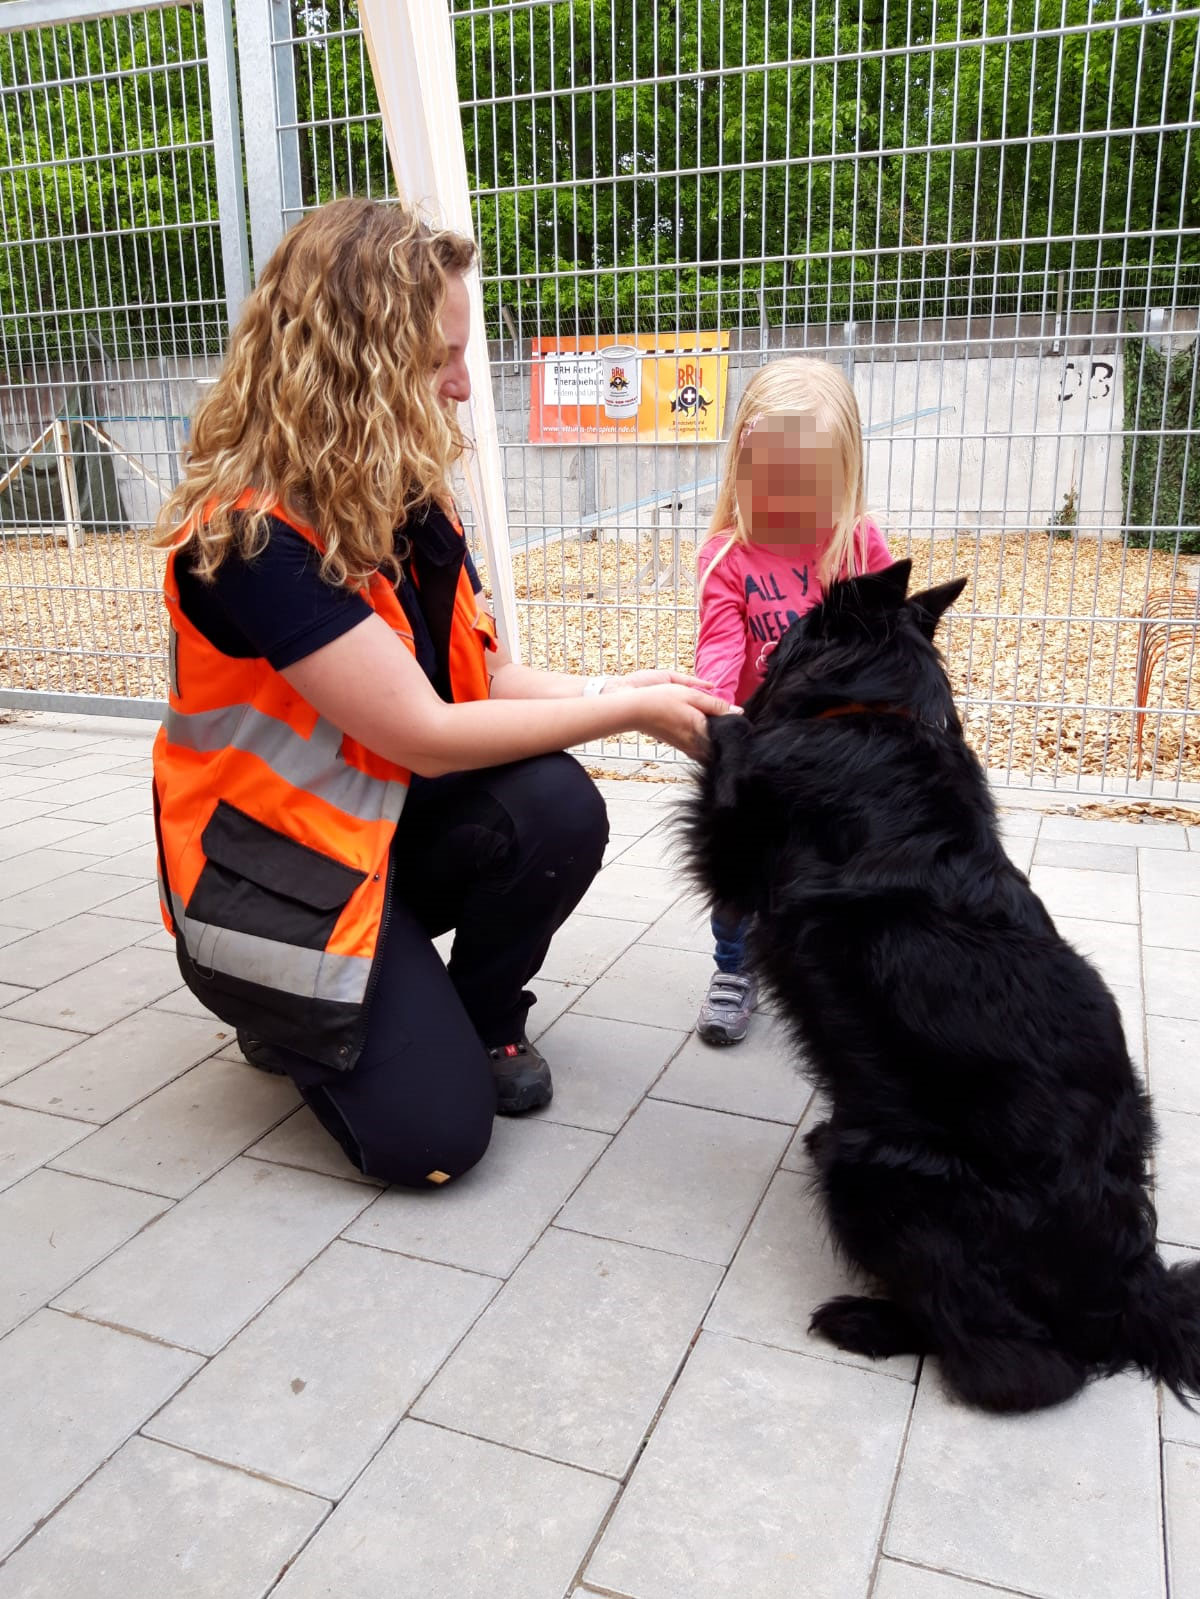 Streicheleinheiten von den Kindern sind toll - Tierheimfest Böblingen 19.05.2019